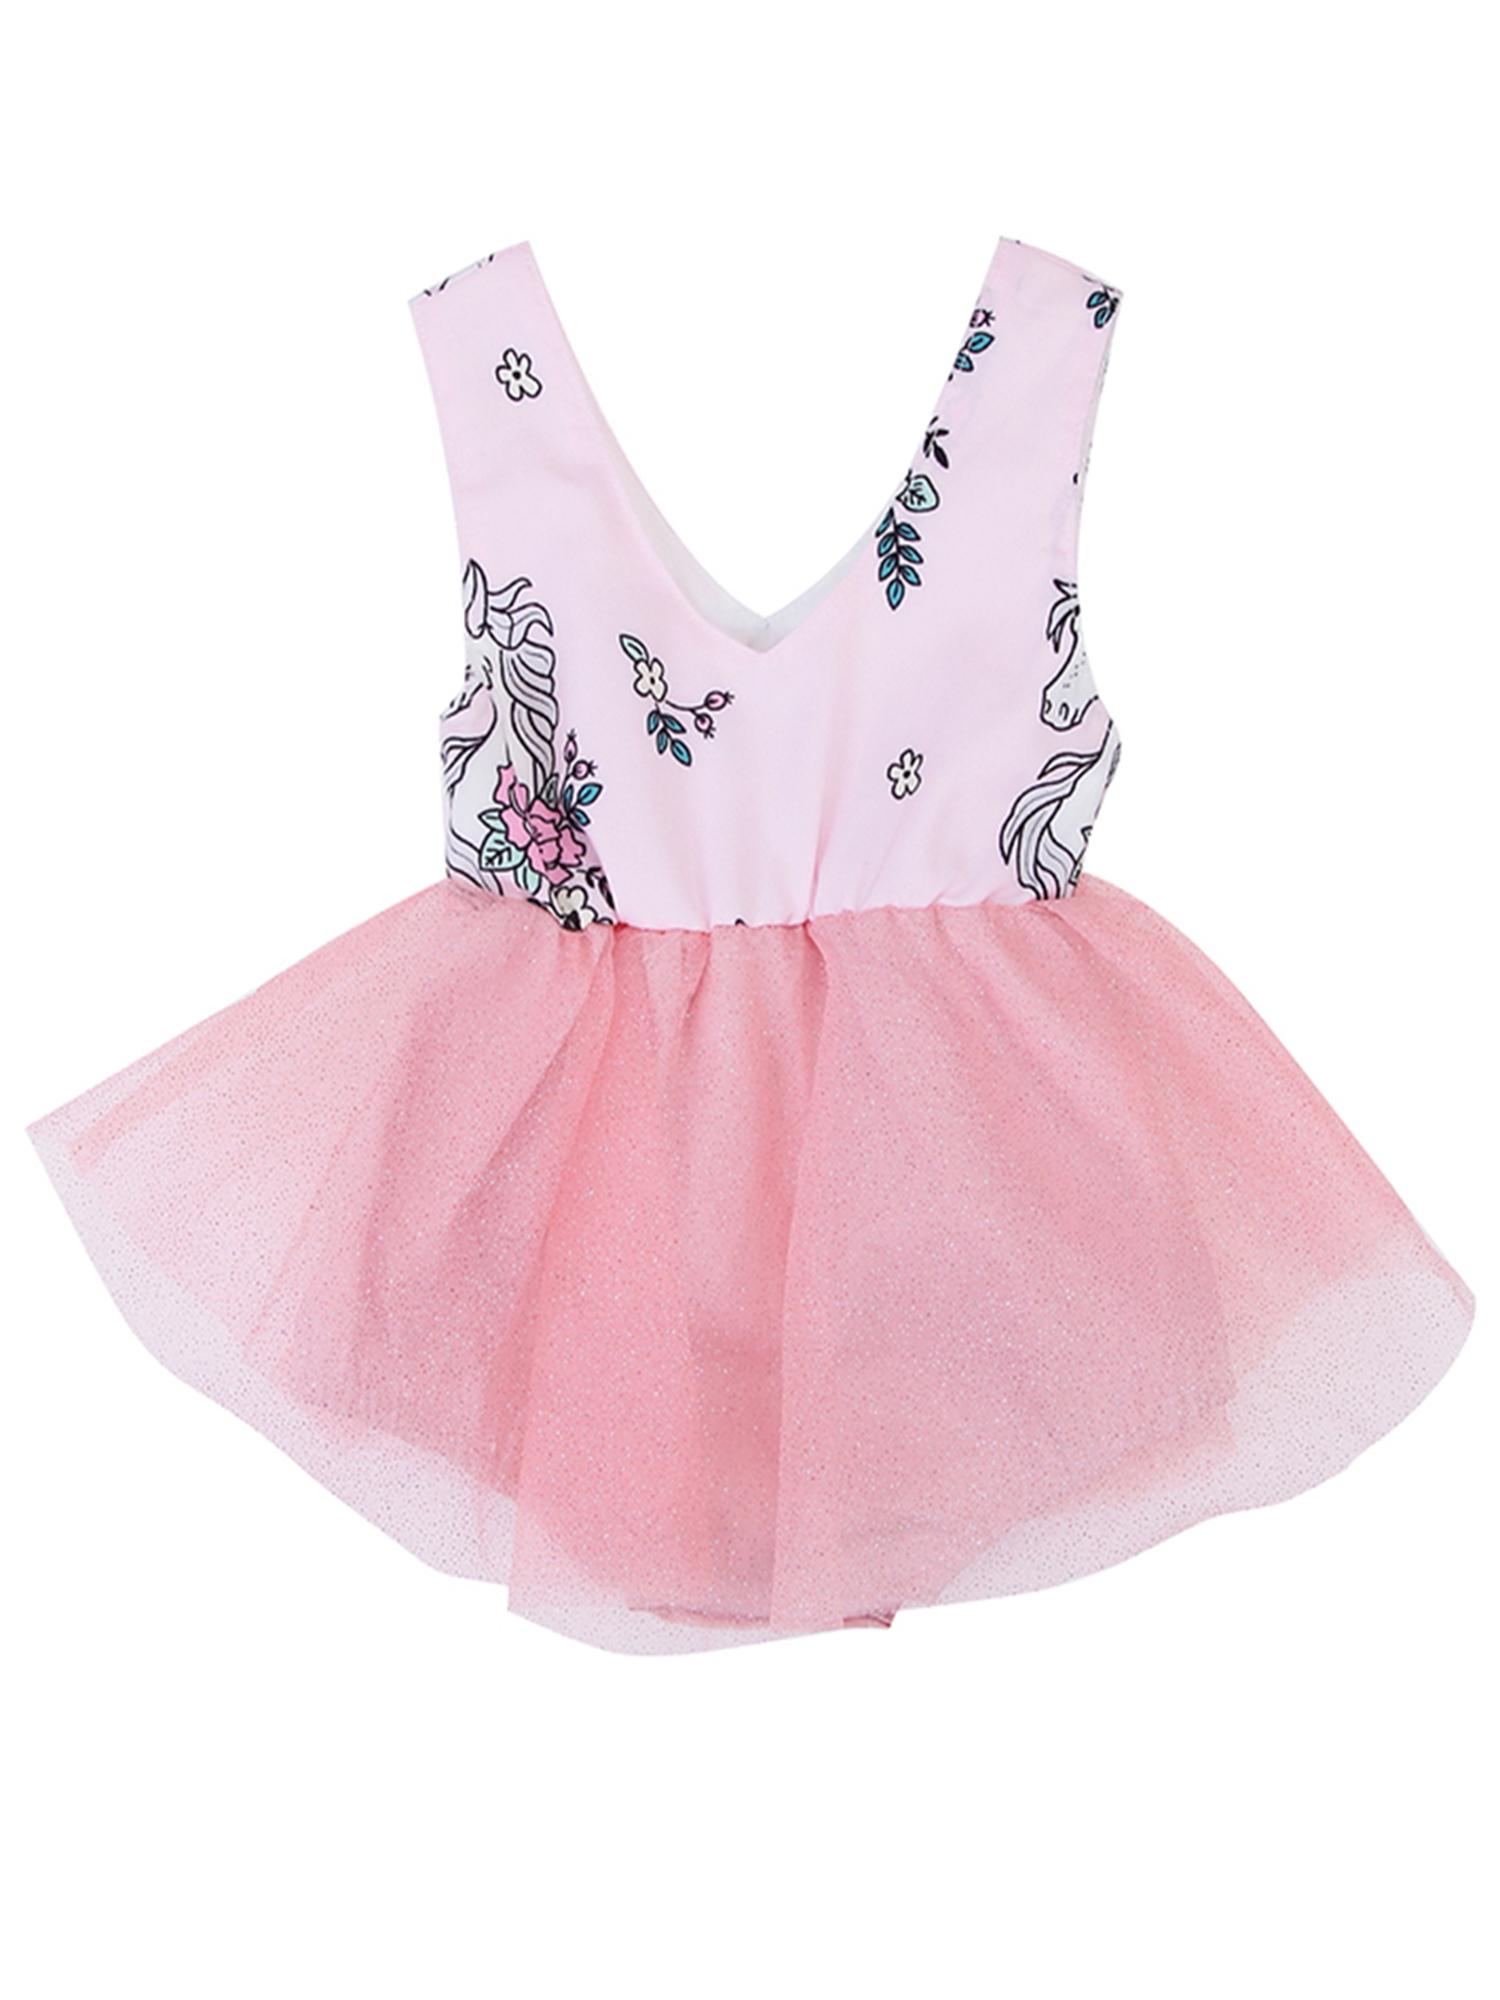 3-6 months. Baby girls unicorn skirt